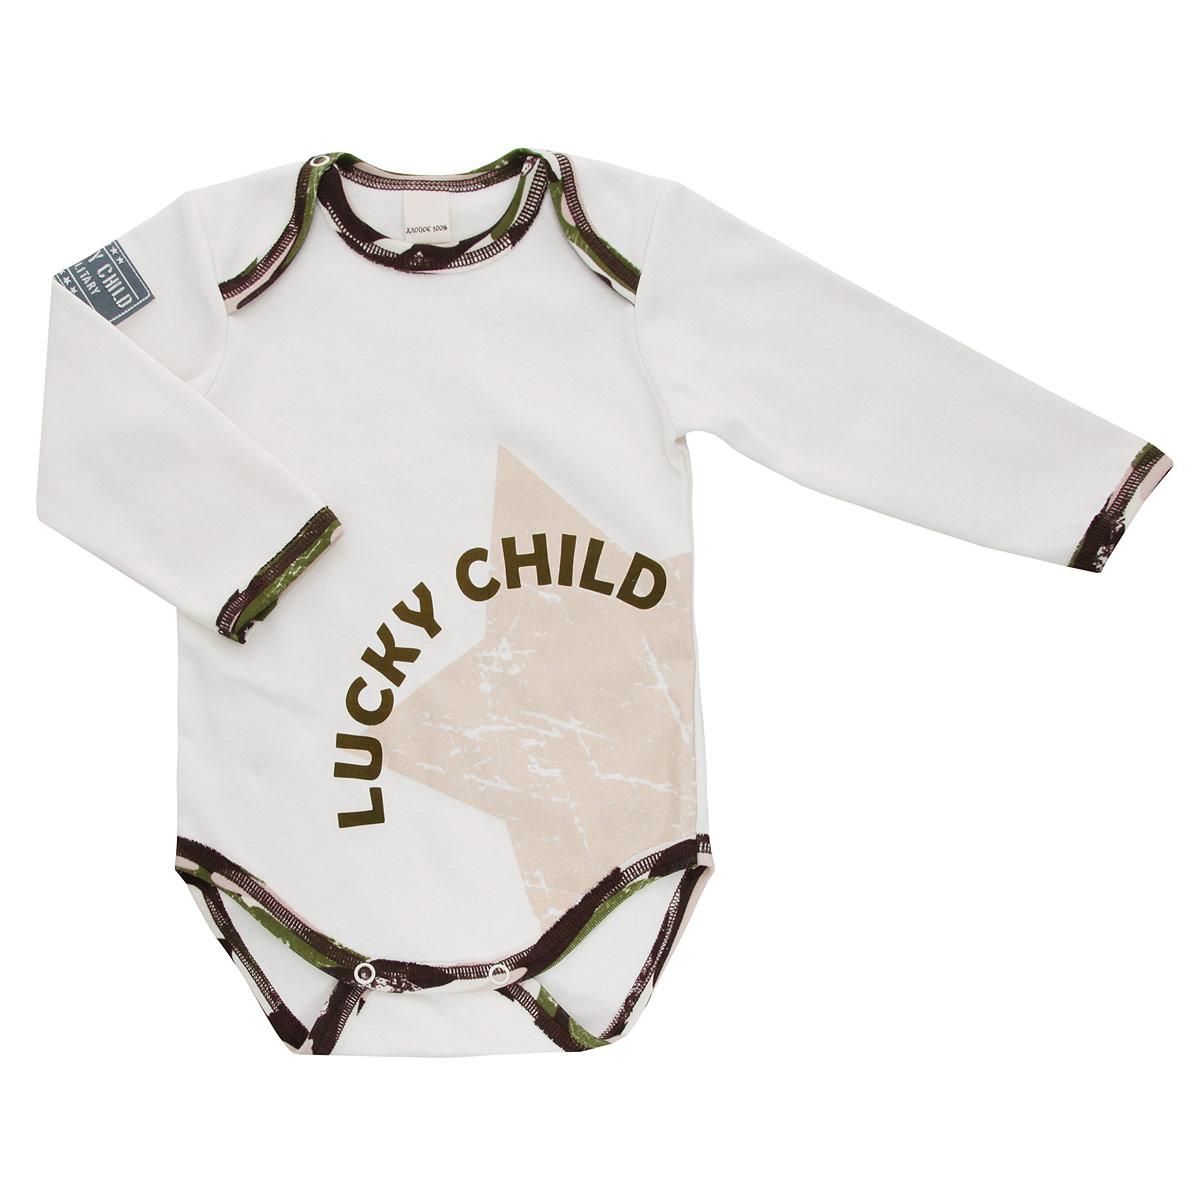 Боди для мальчика Lucky Child Вежливые люди, цвет: светло-бежевый, темно-коричневый, зеленый. 31-19. Размер 80/86 lucky child оливковый вежливые люди